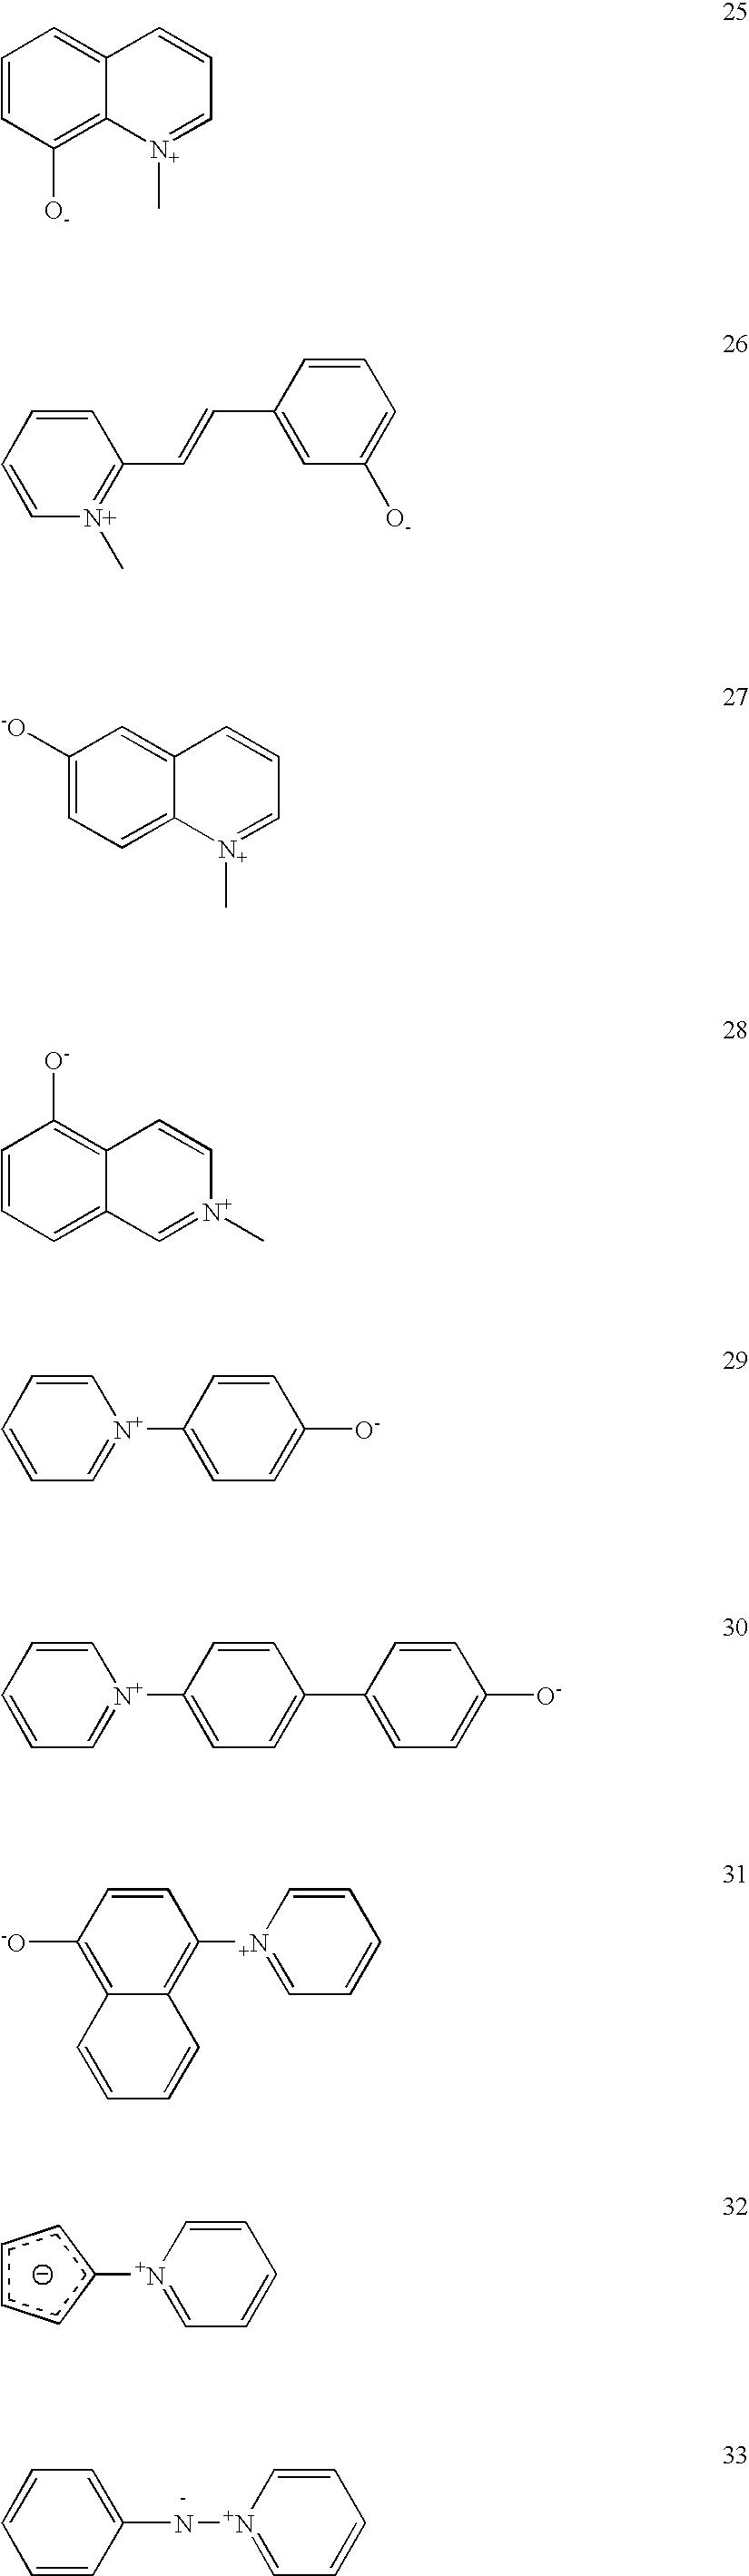 Figure US08871232-20141028-C00012